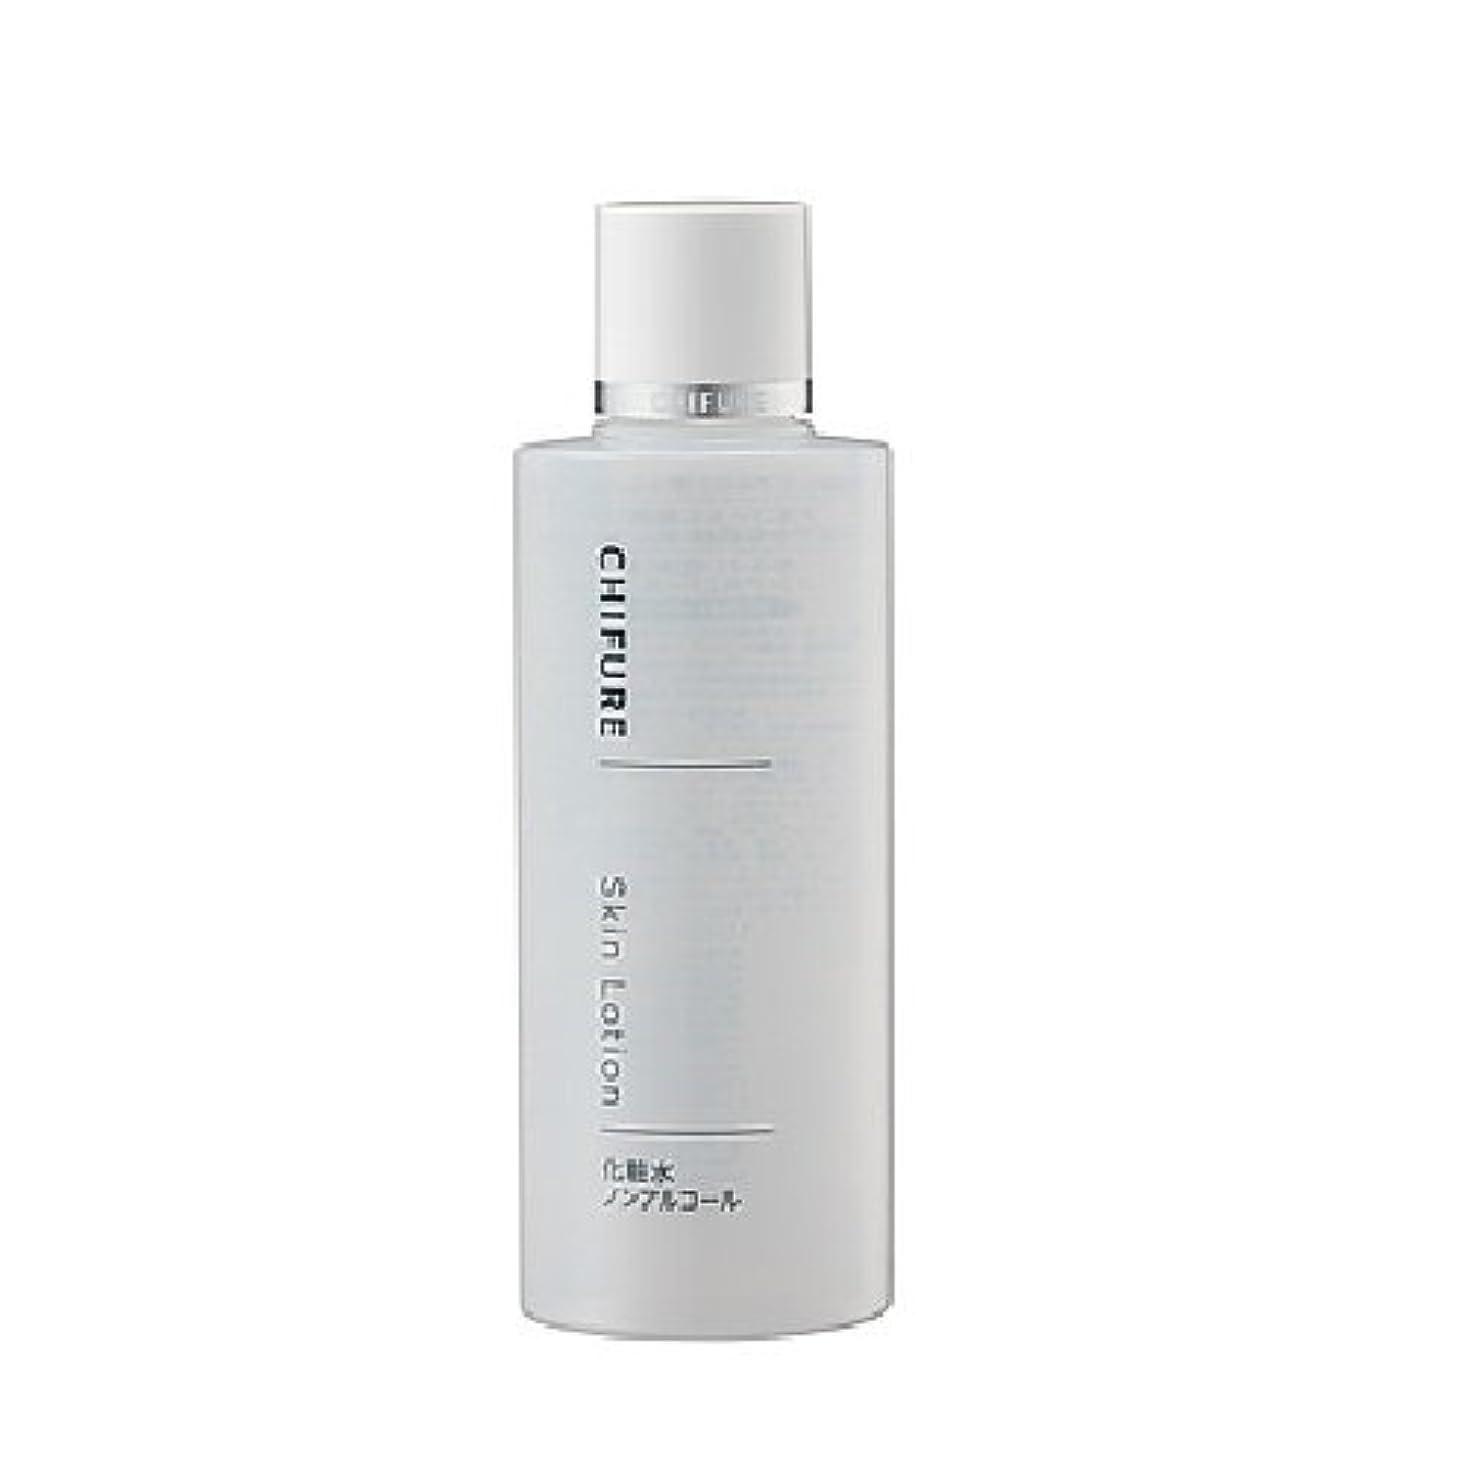 オーディション縁連帯ちふれ化粧品 化粧水 ノンアルコールタイプ 180ML